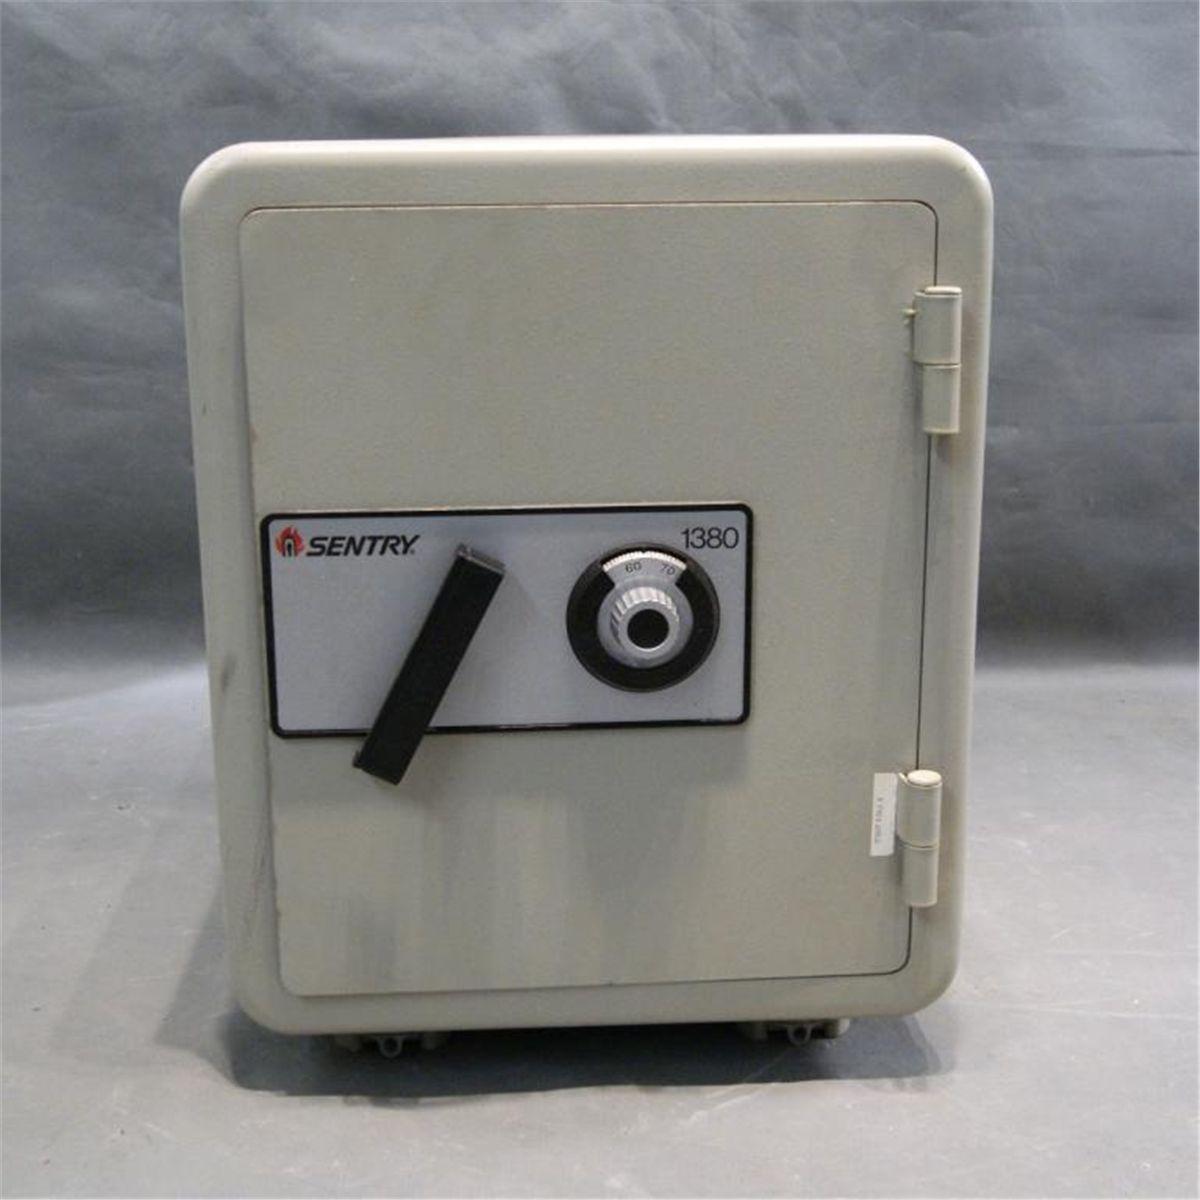 Sentry Safe Model 1380 1200x1200